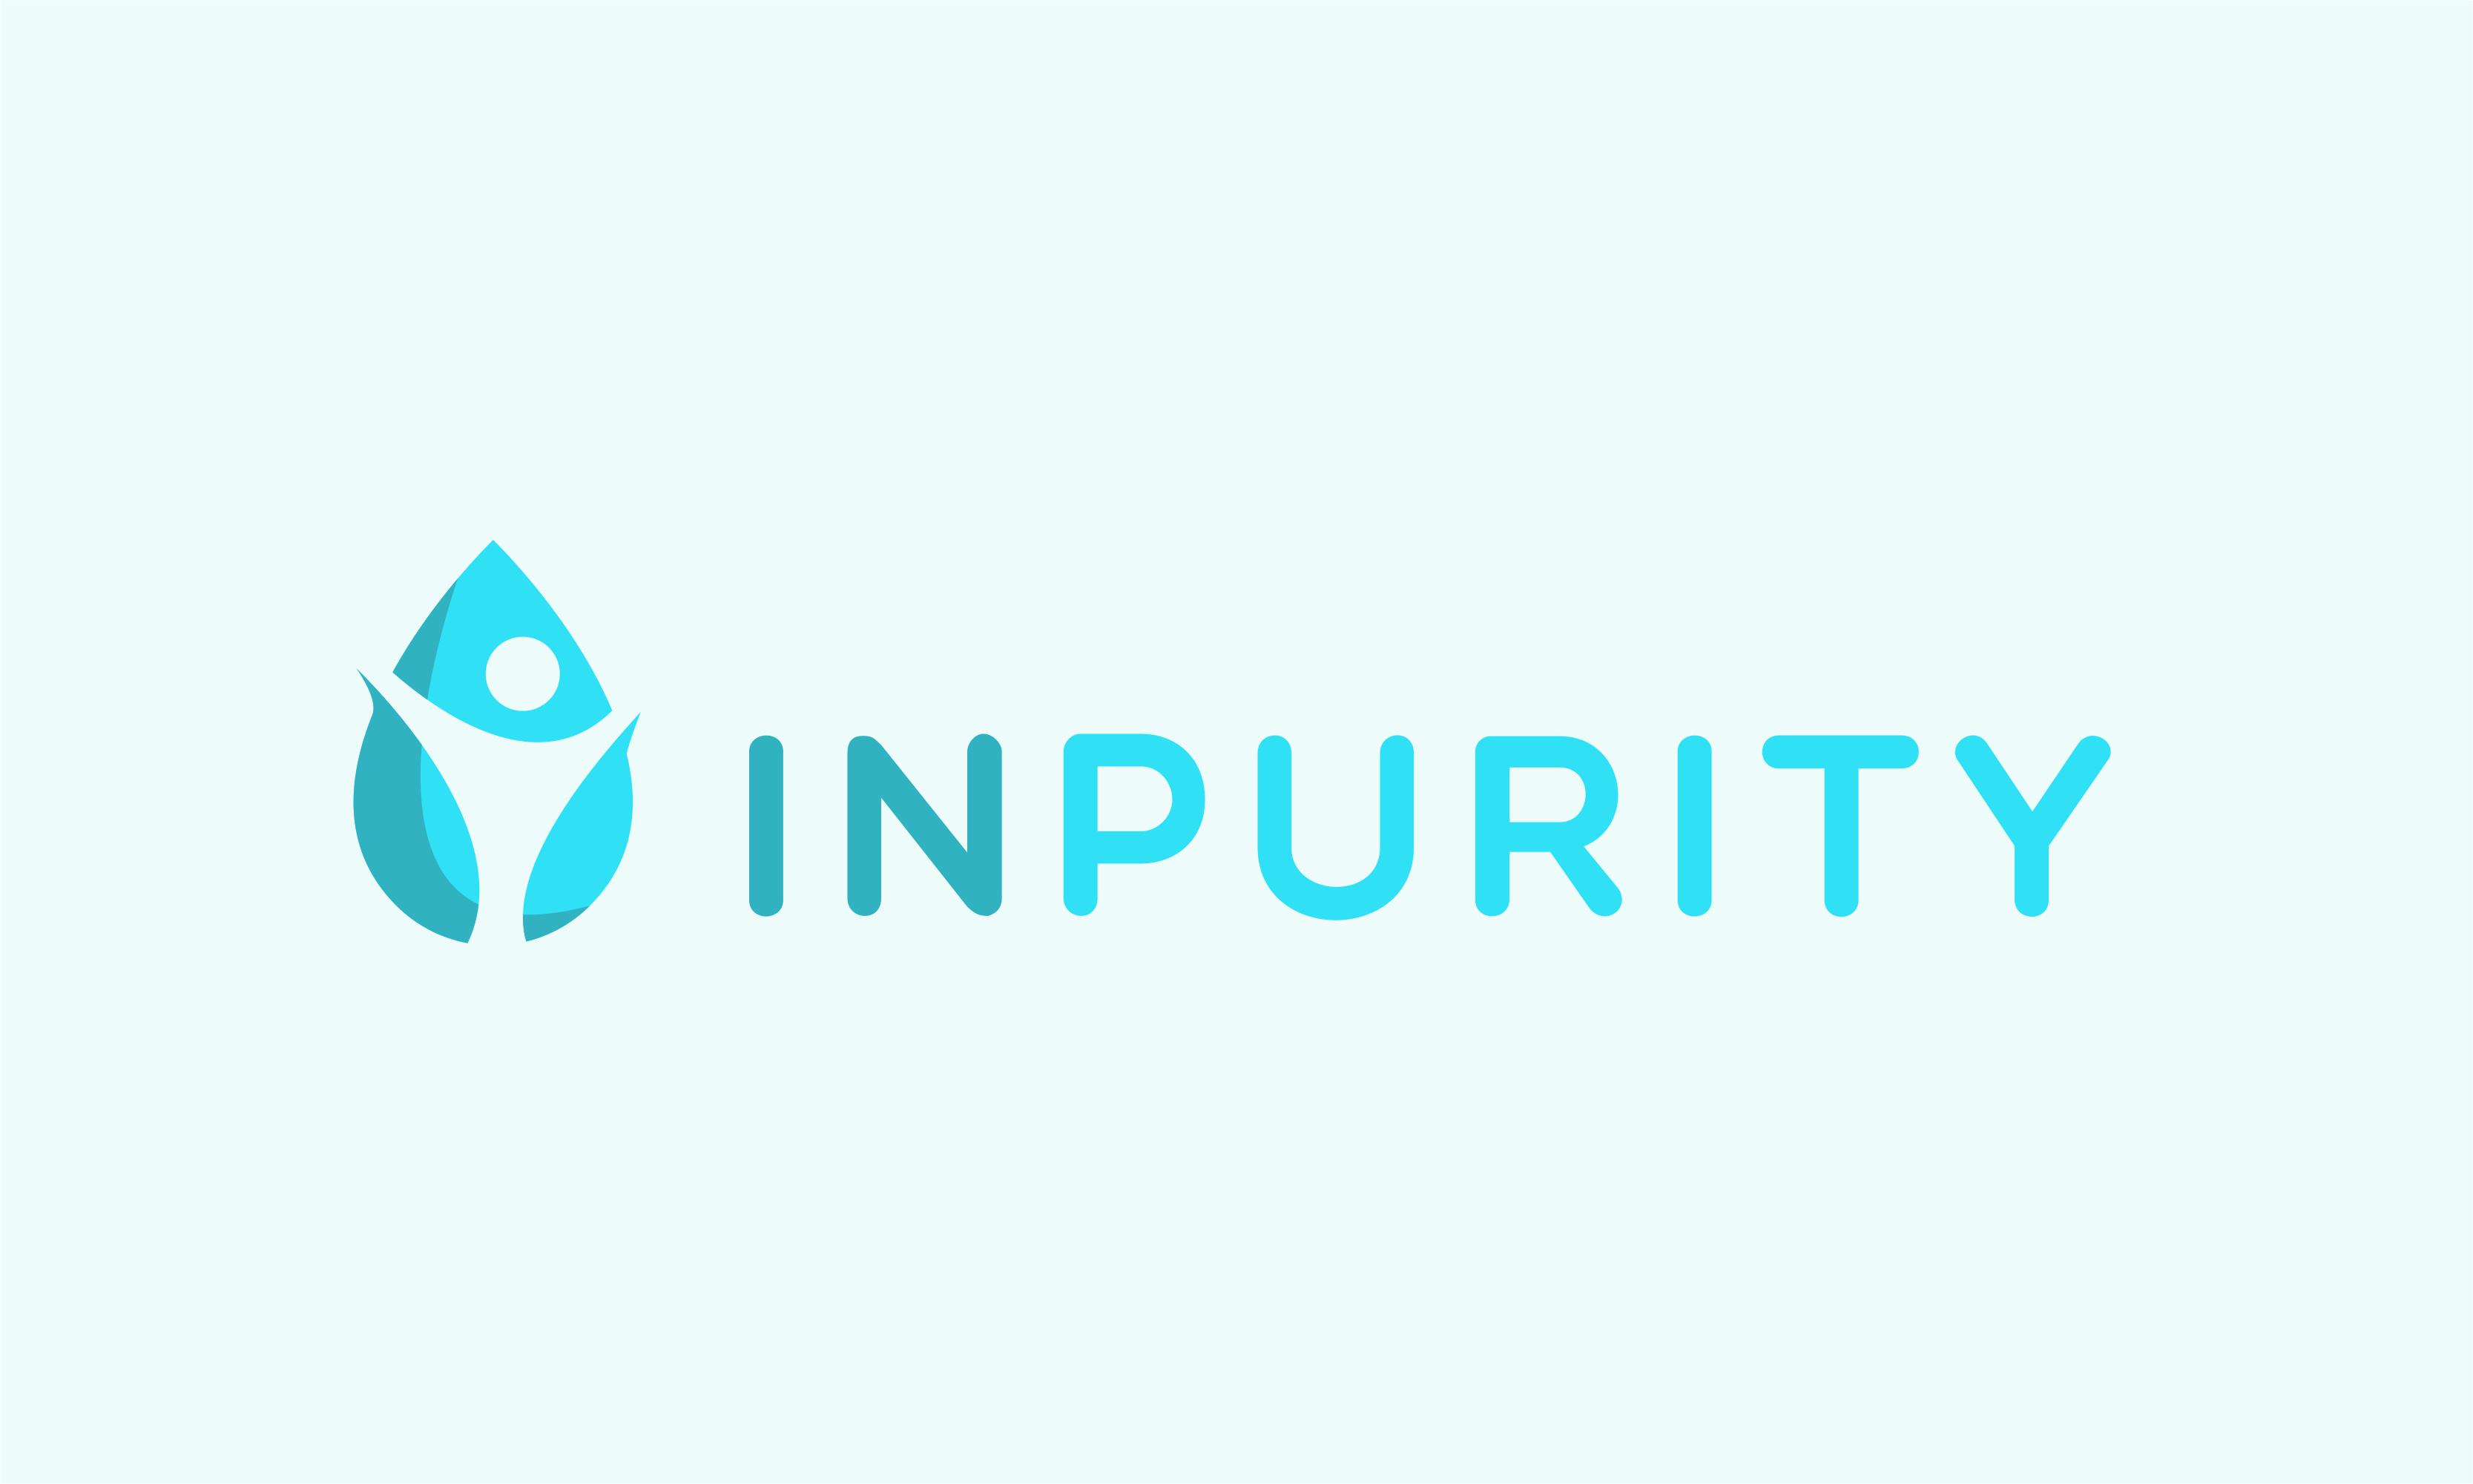 Inpurity